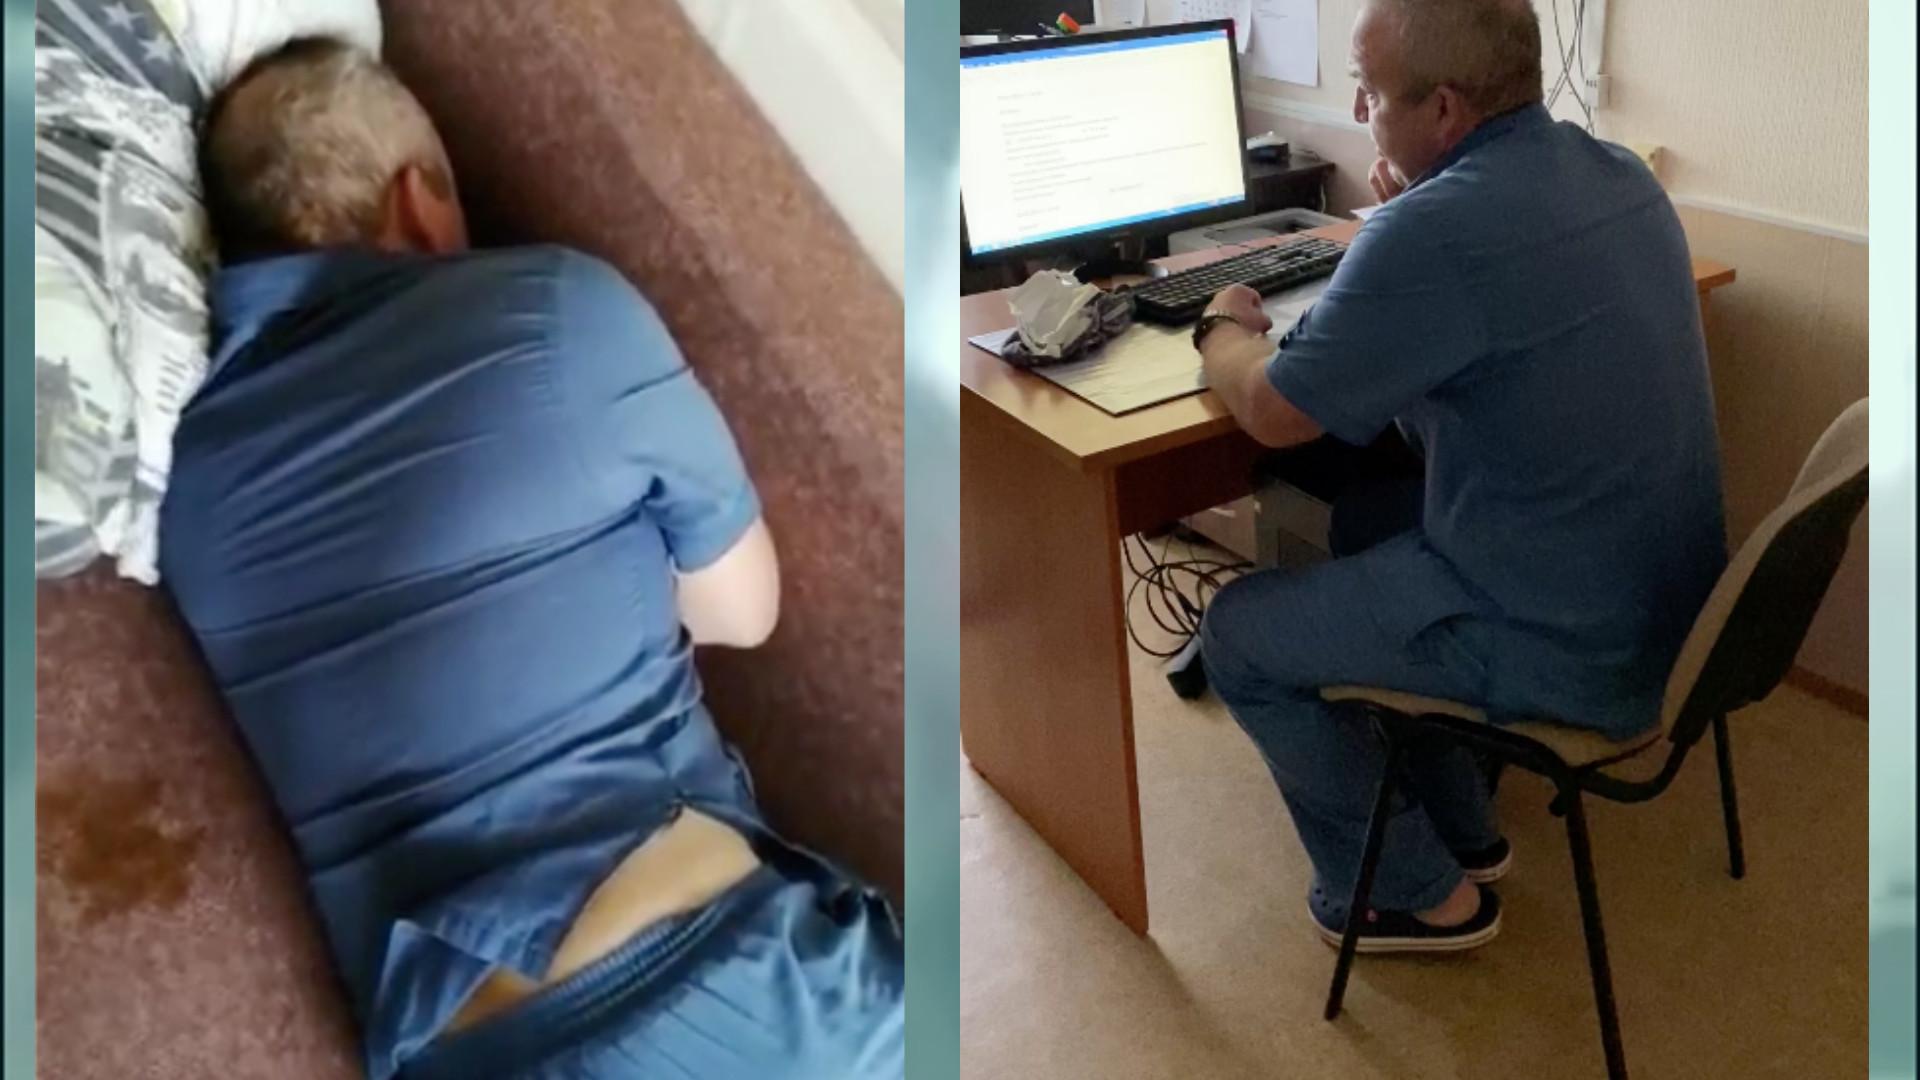 Двух слов связать не мог»: в пермской больнице сняли на видео «пьяного» врача